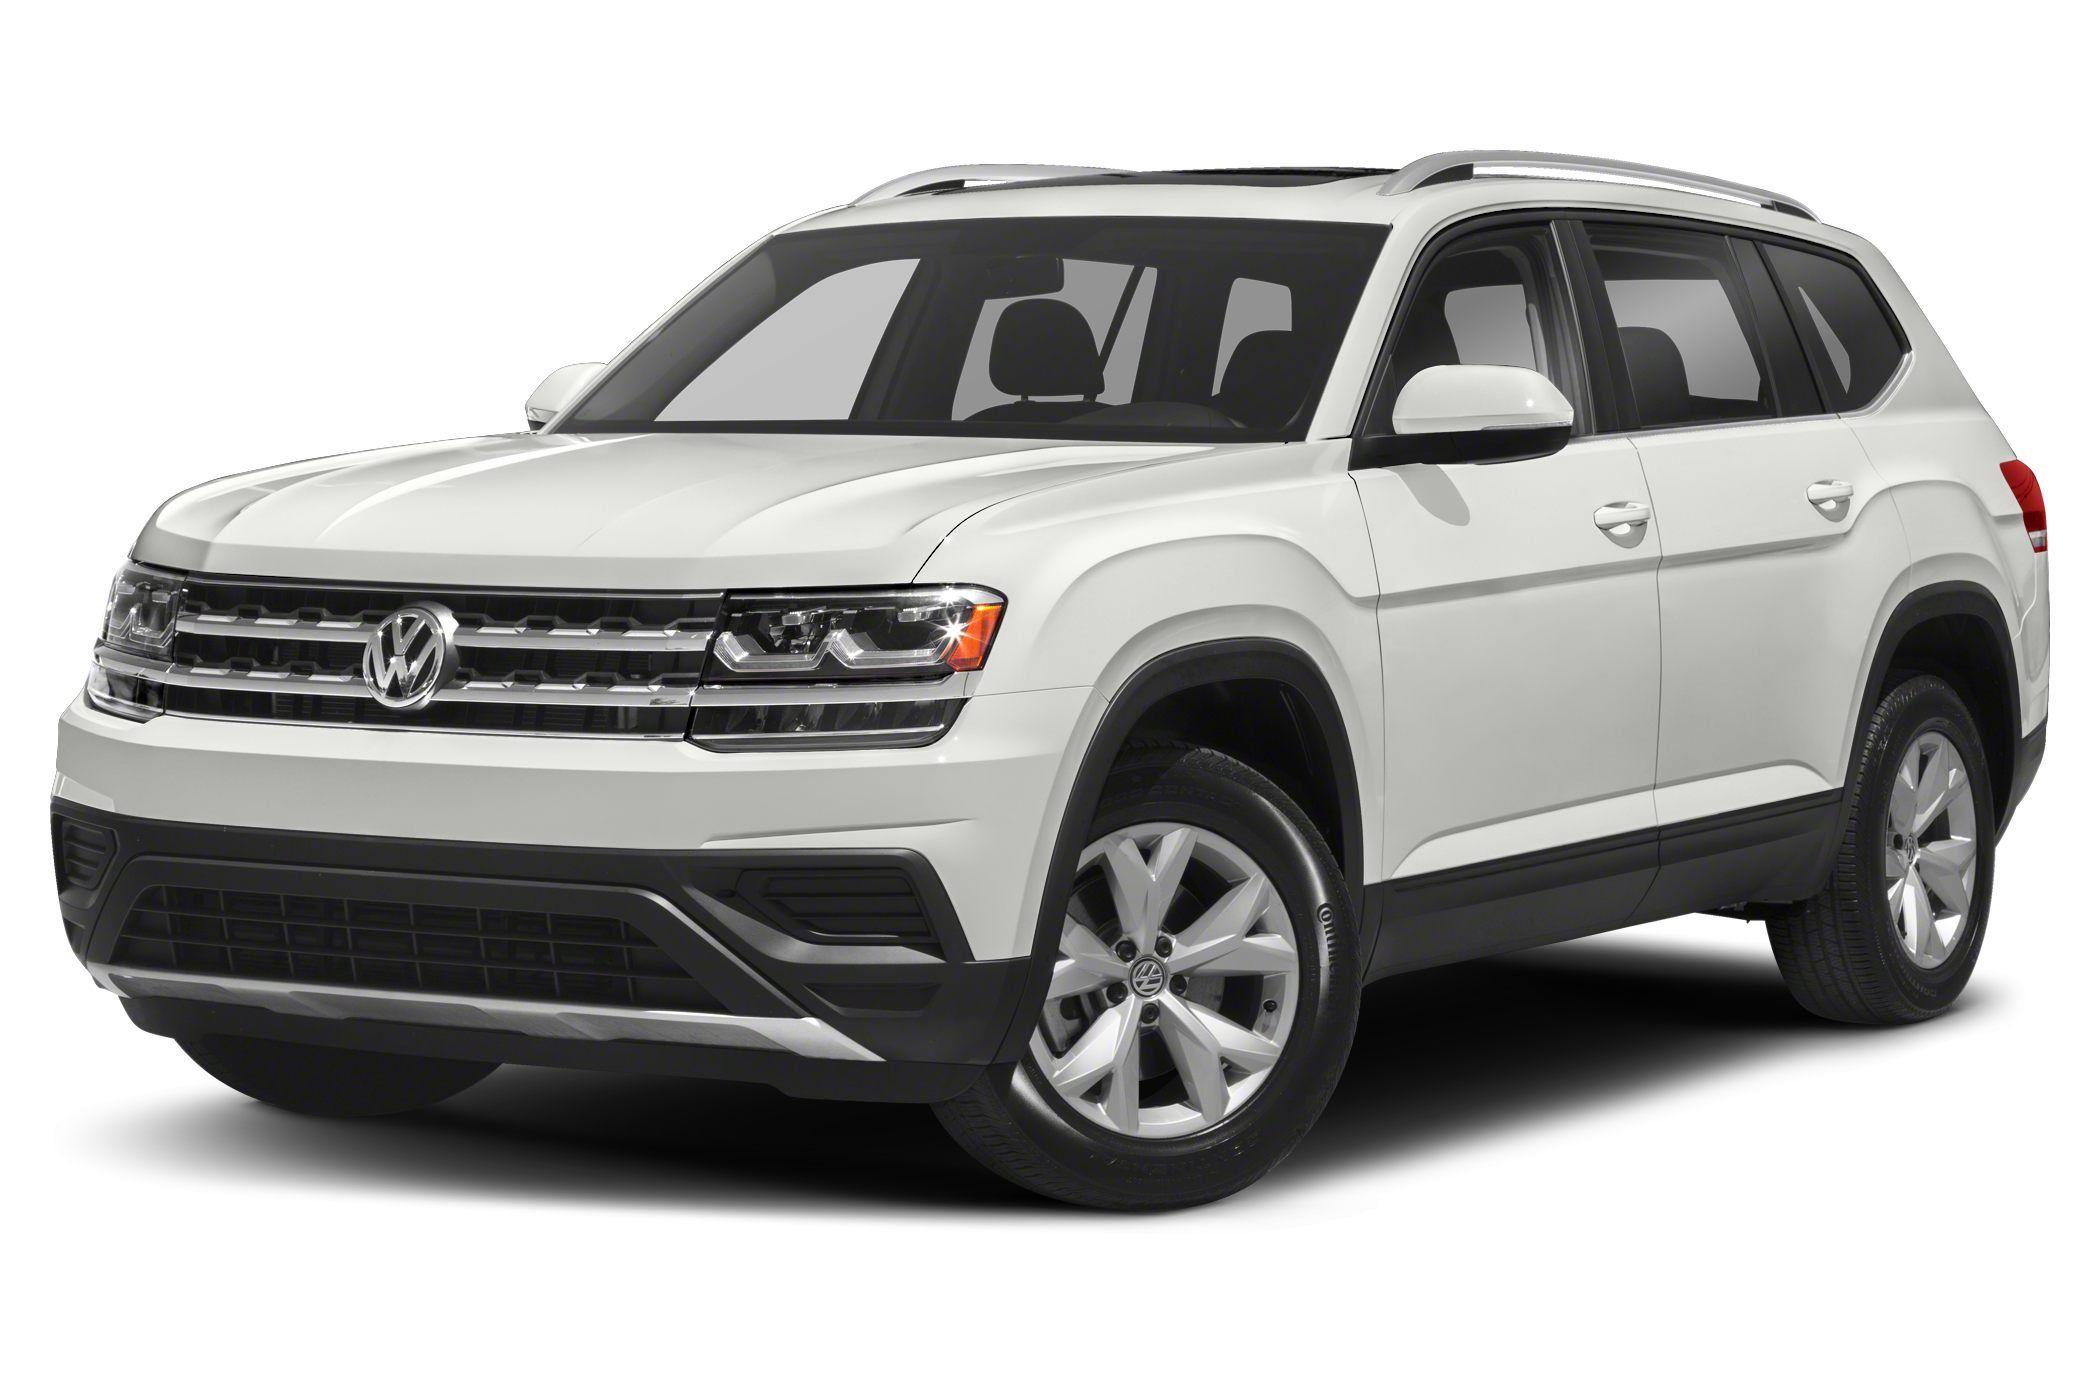 2021 Volkswagen Tiguan Images in 2020 Volkswagen minibus